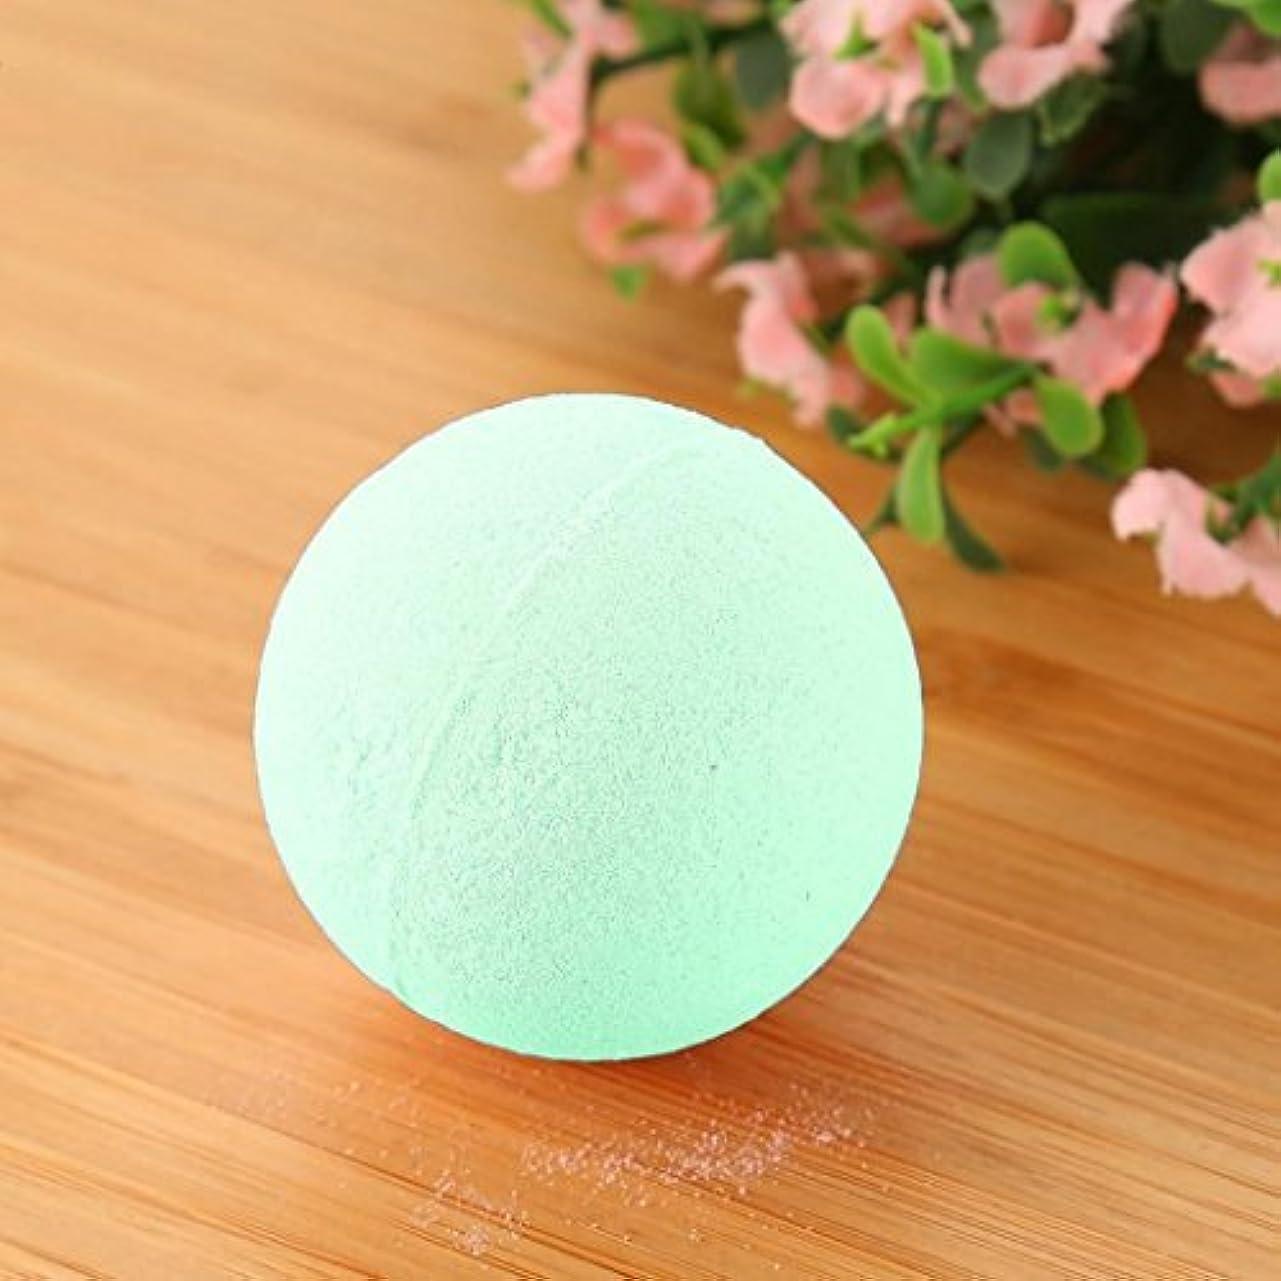 葡萄ゲージ首尾一貫したバブルボール塩塩浴リラックス女性のための贈り物